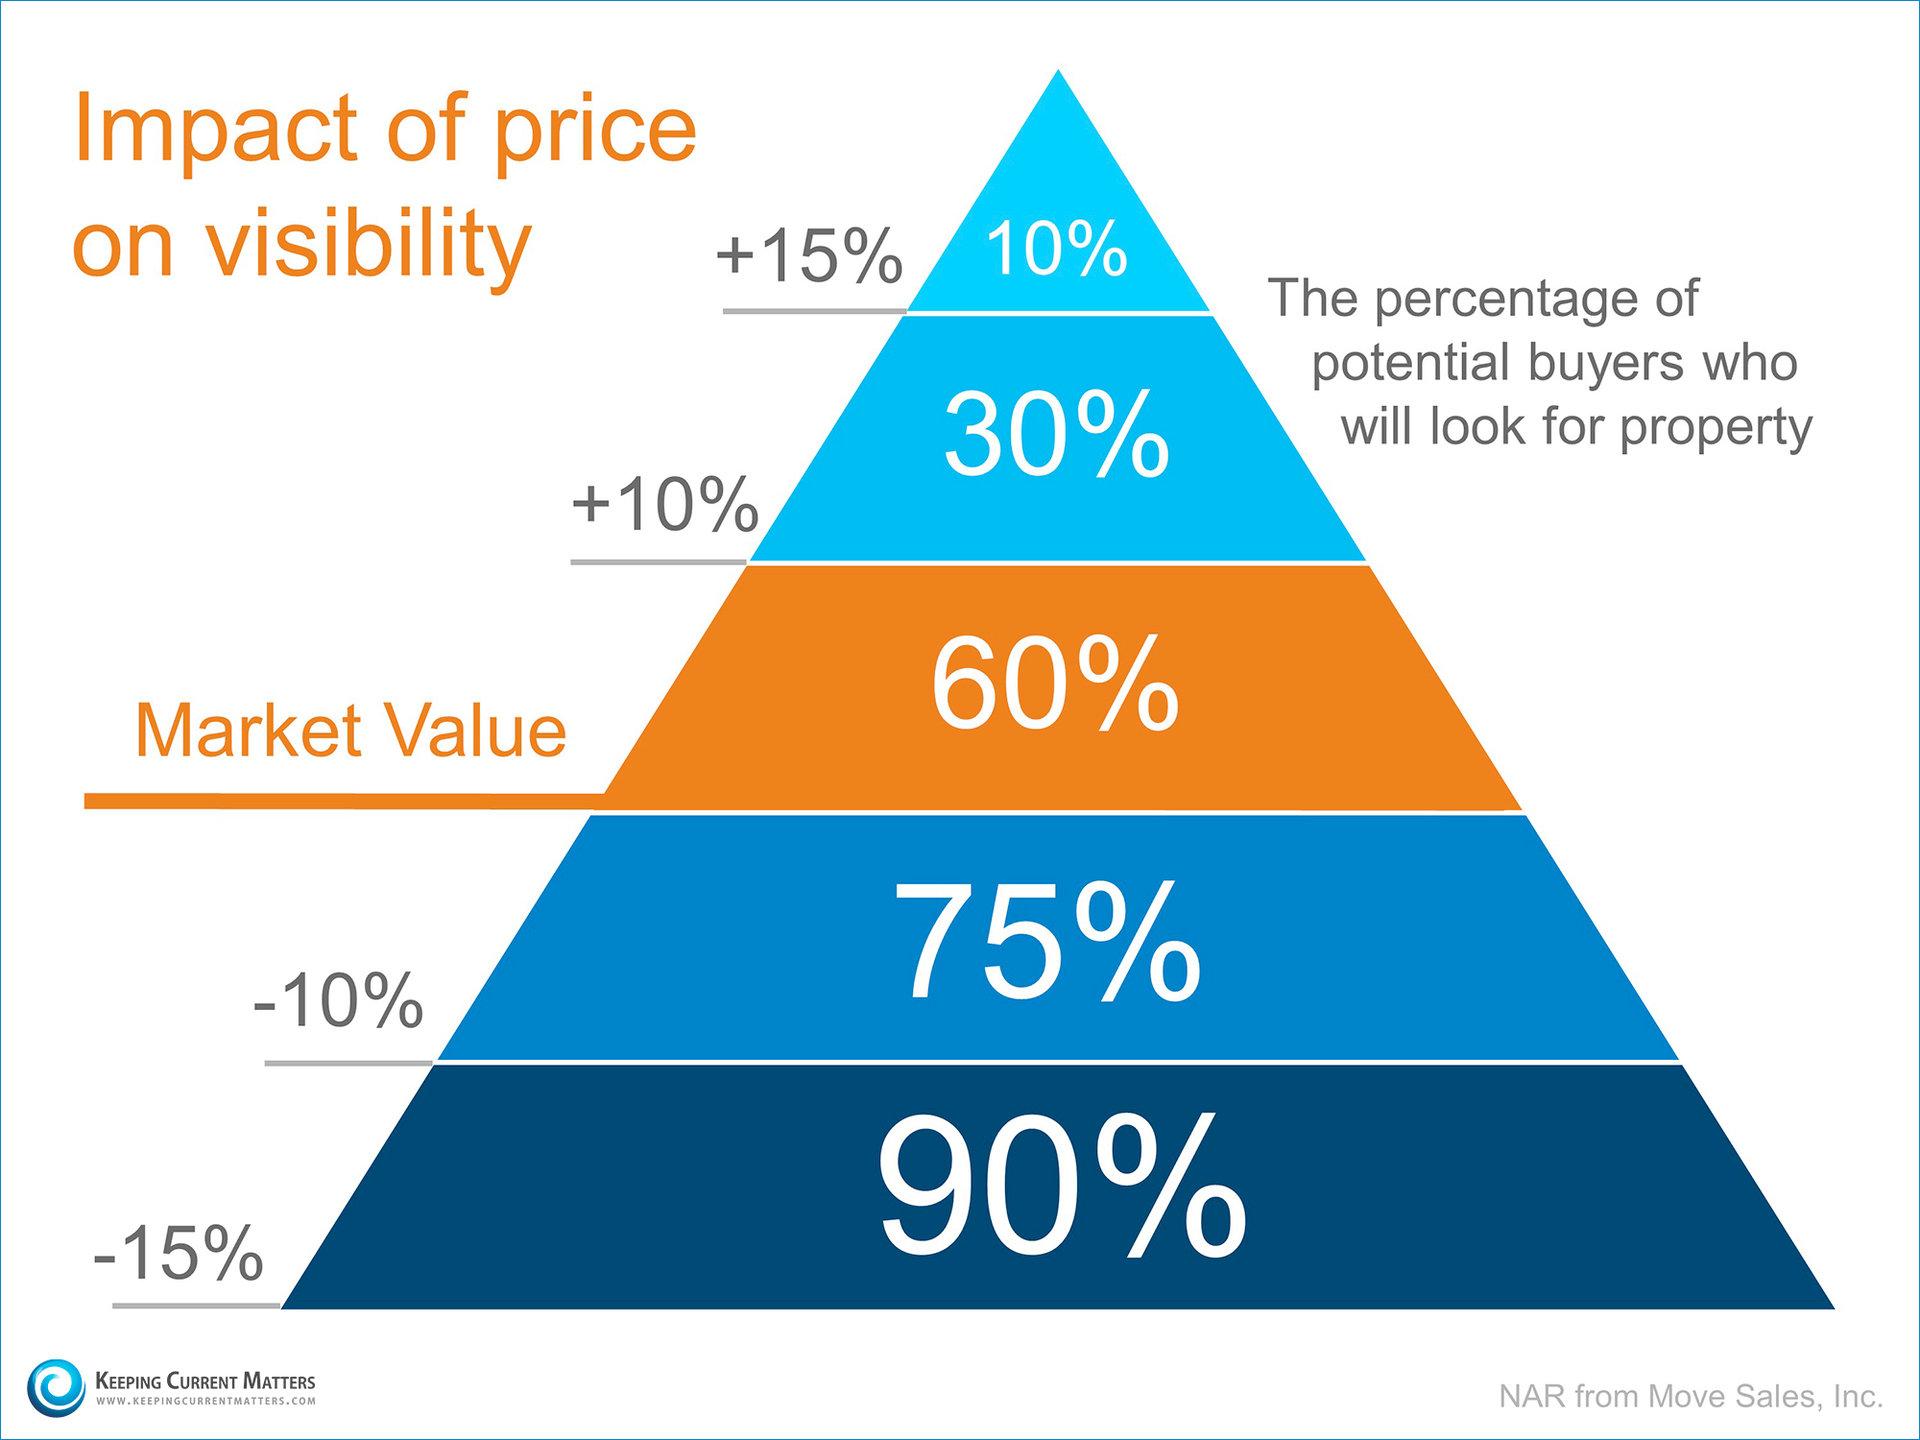 prezzo casa e visibilità nella ricerca web